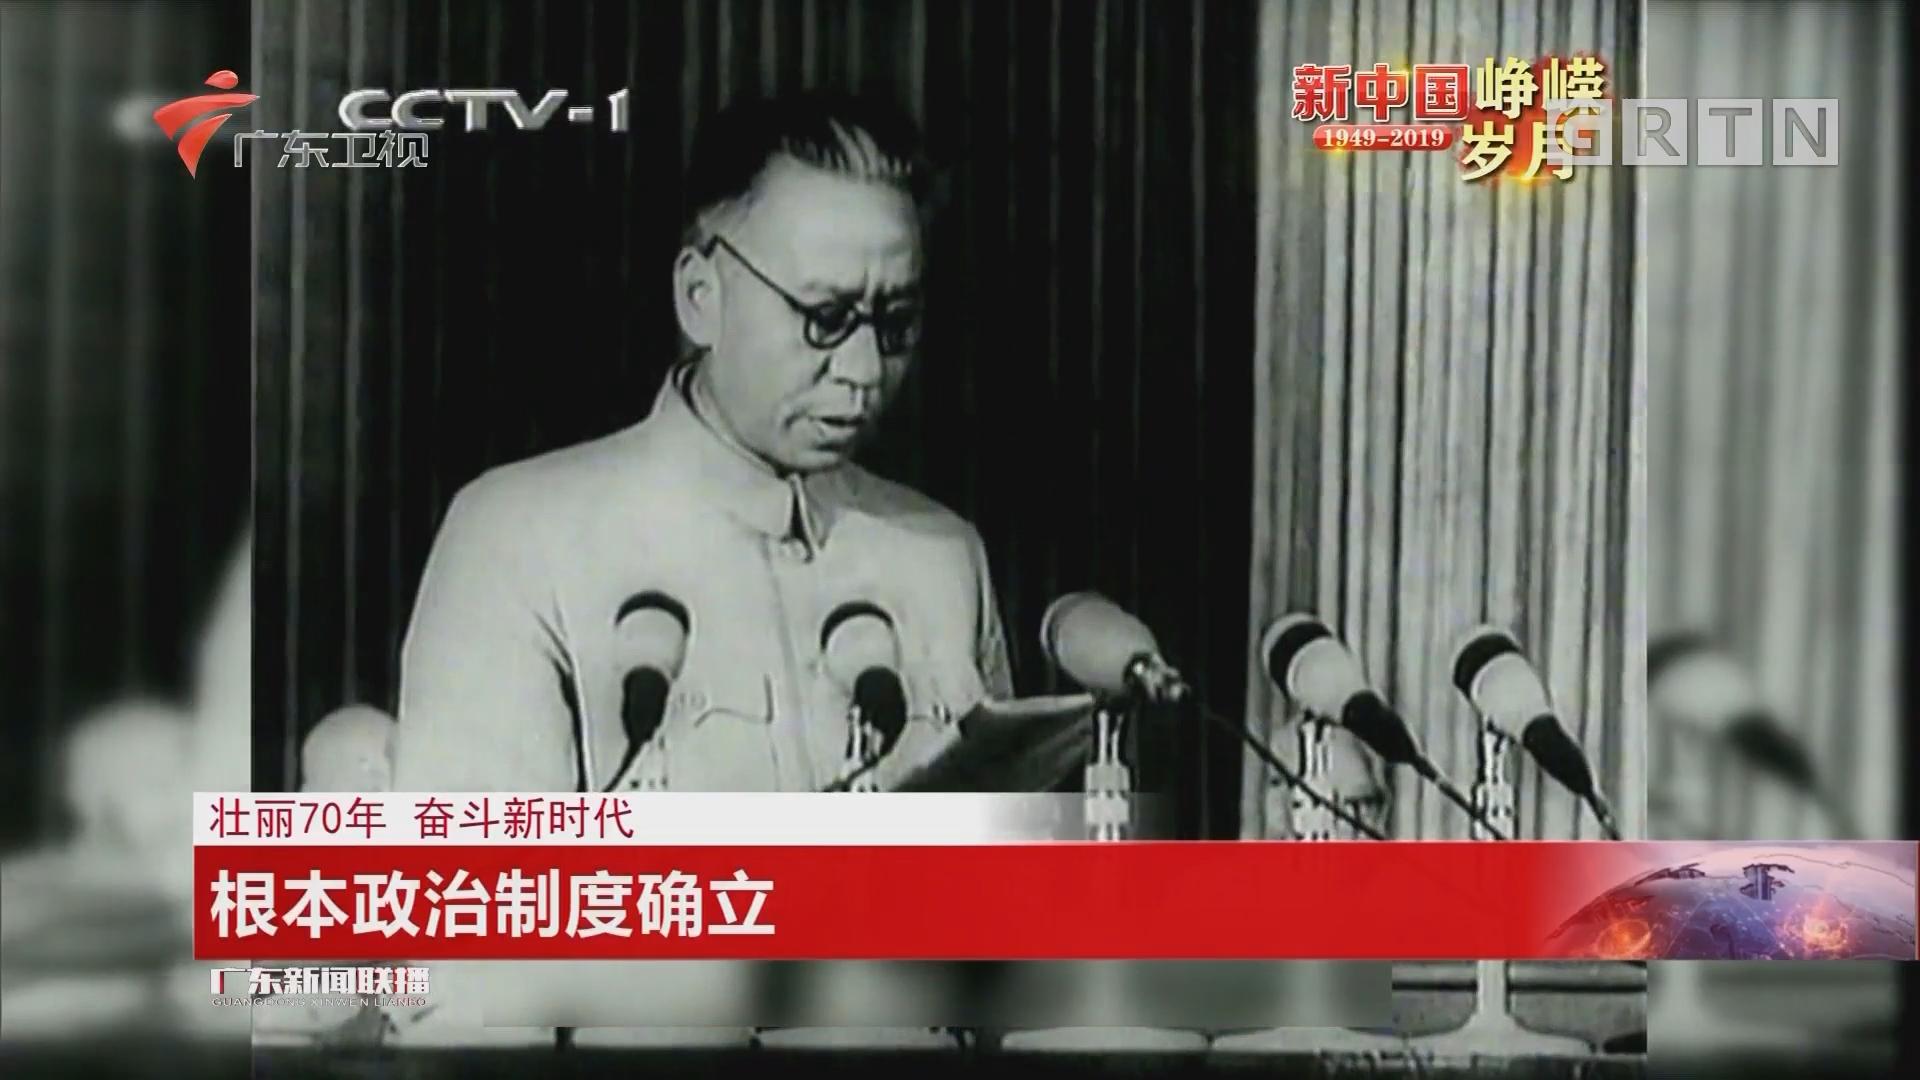 【壯麗70年·奮斗新時代——新中國崢嶸歲月】根本政治制度確立